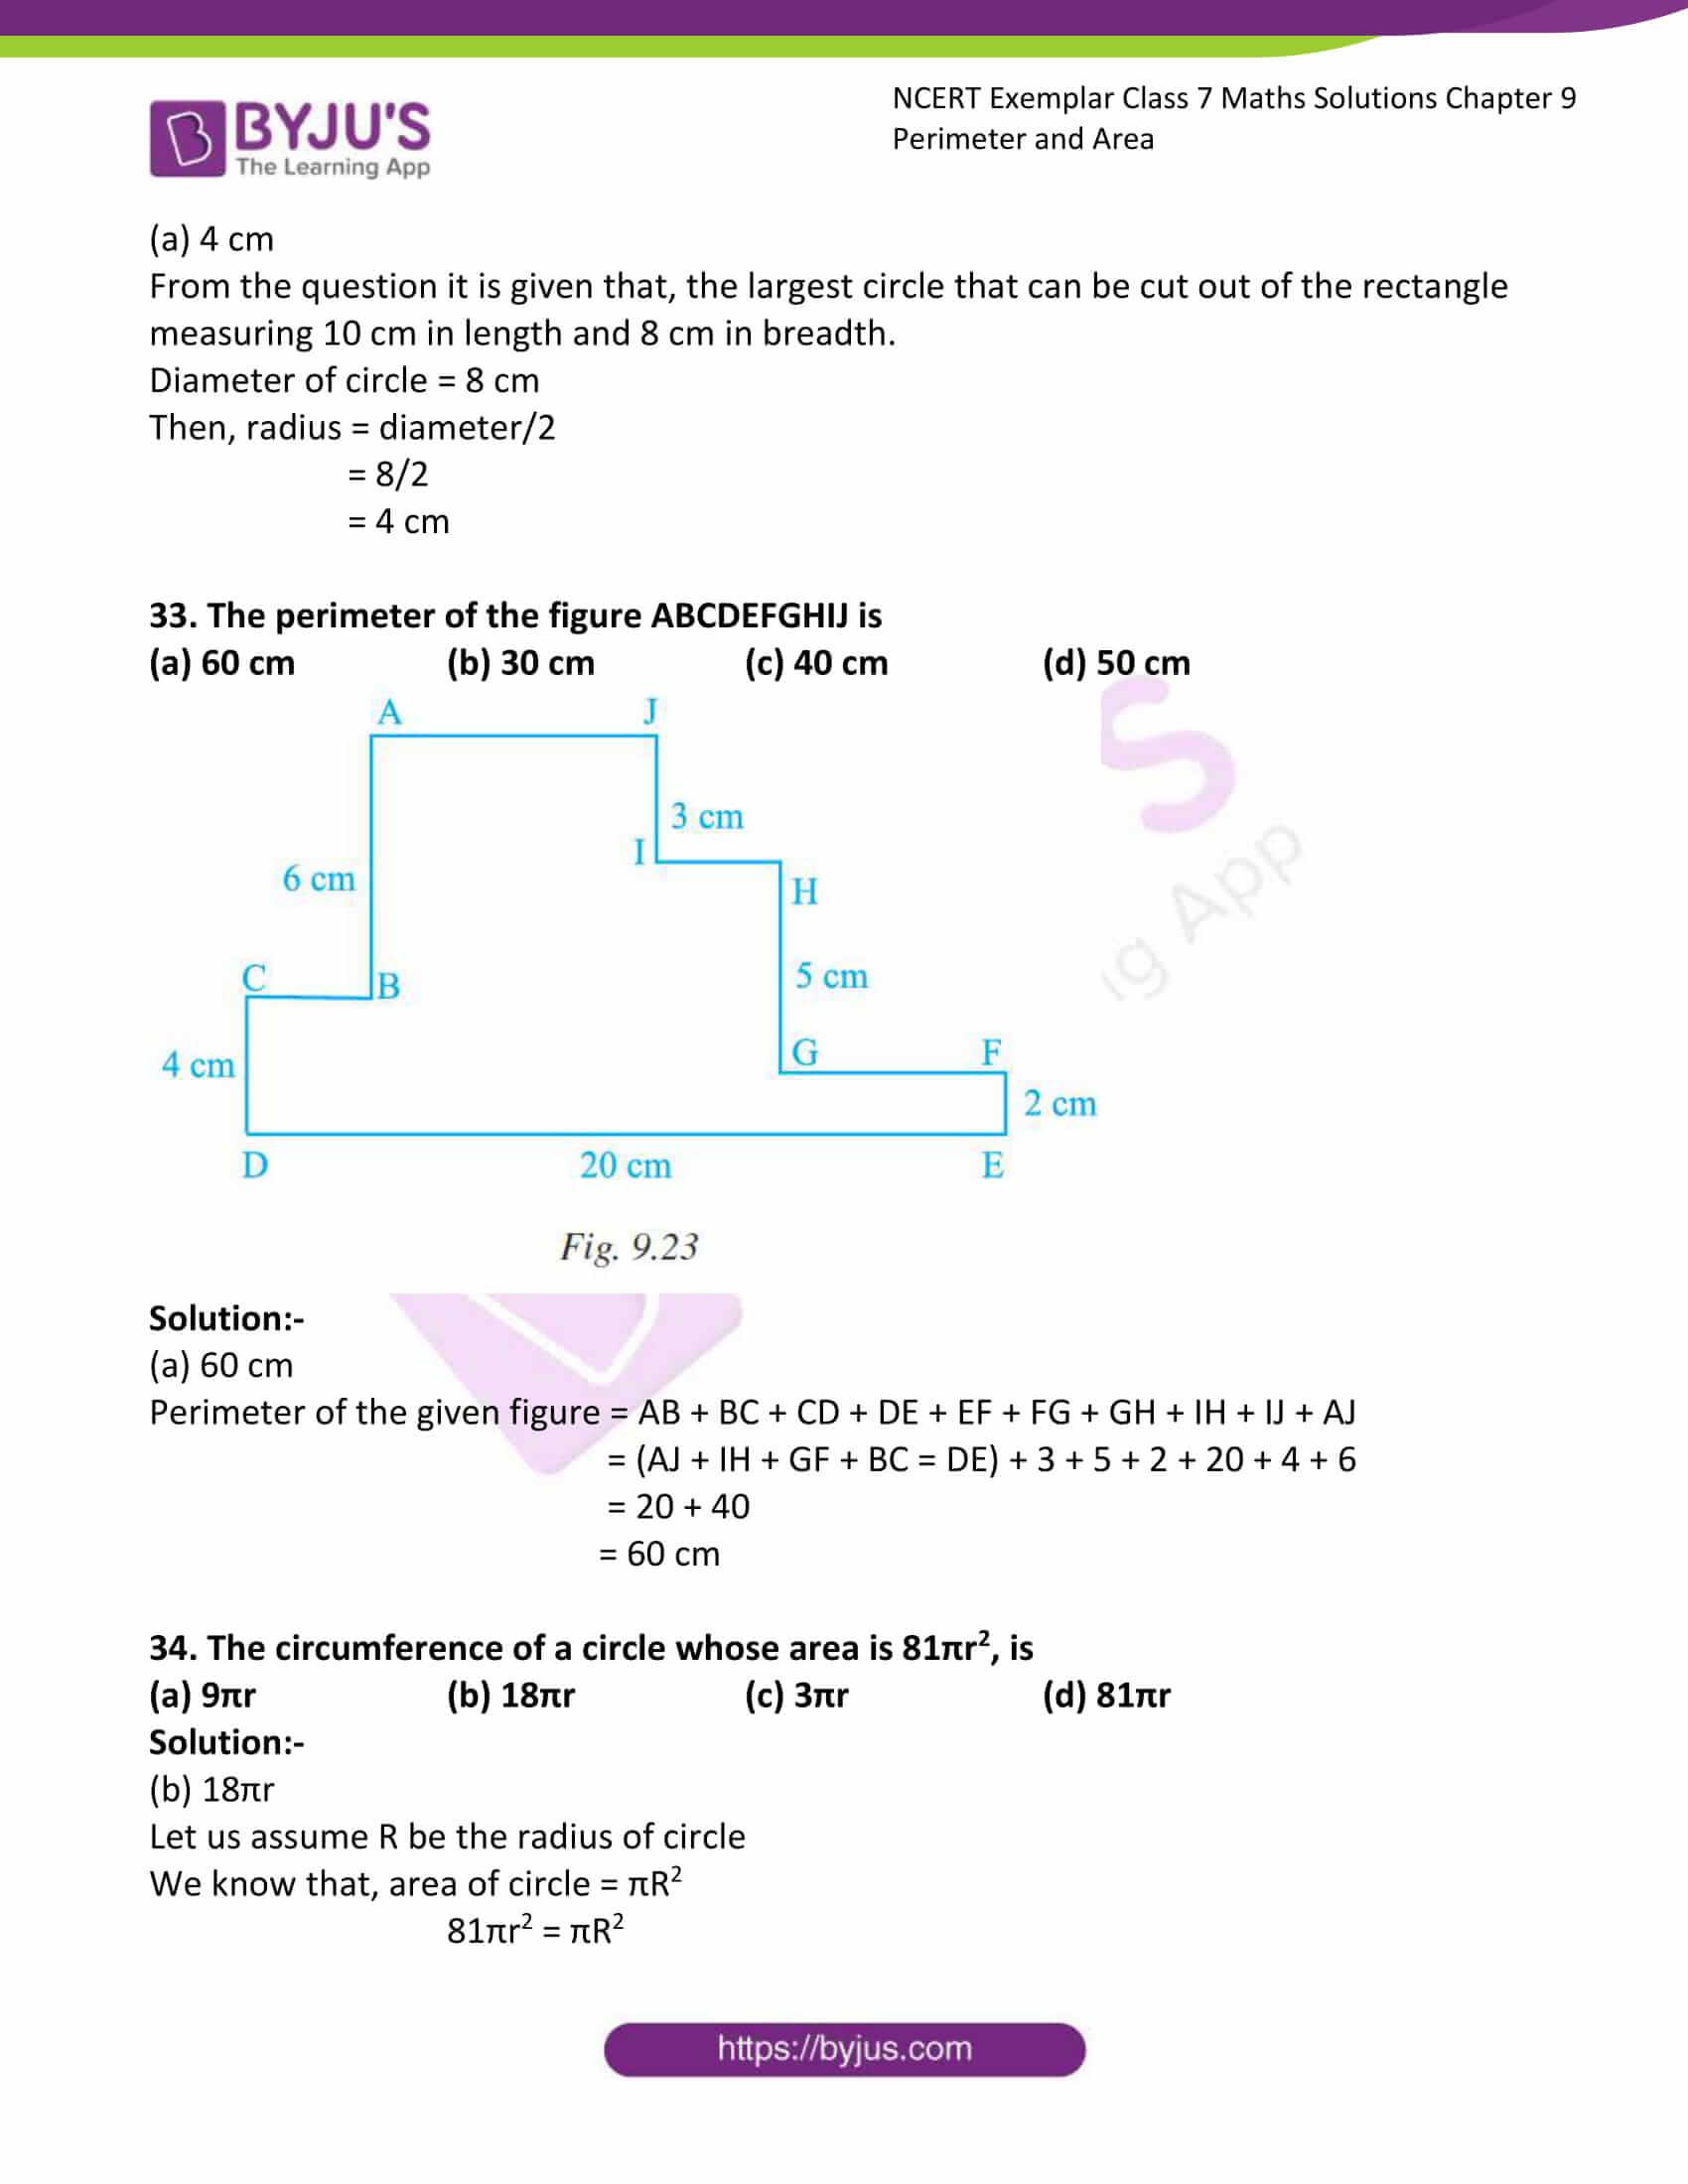 ncert exemplar class 7 maths solutions chapter 9 16